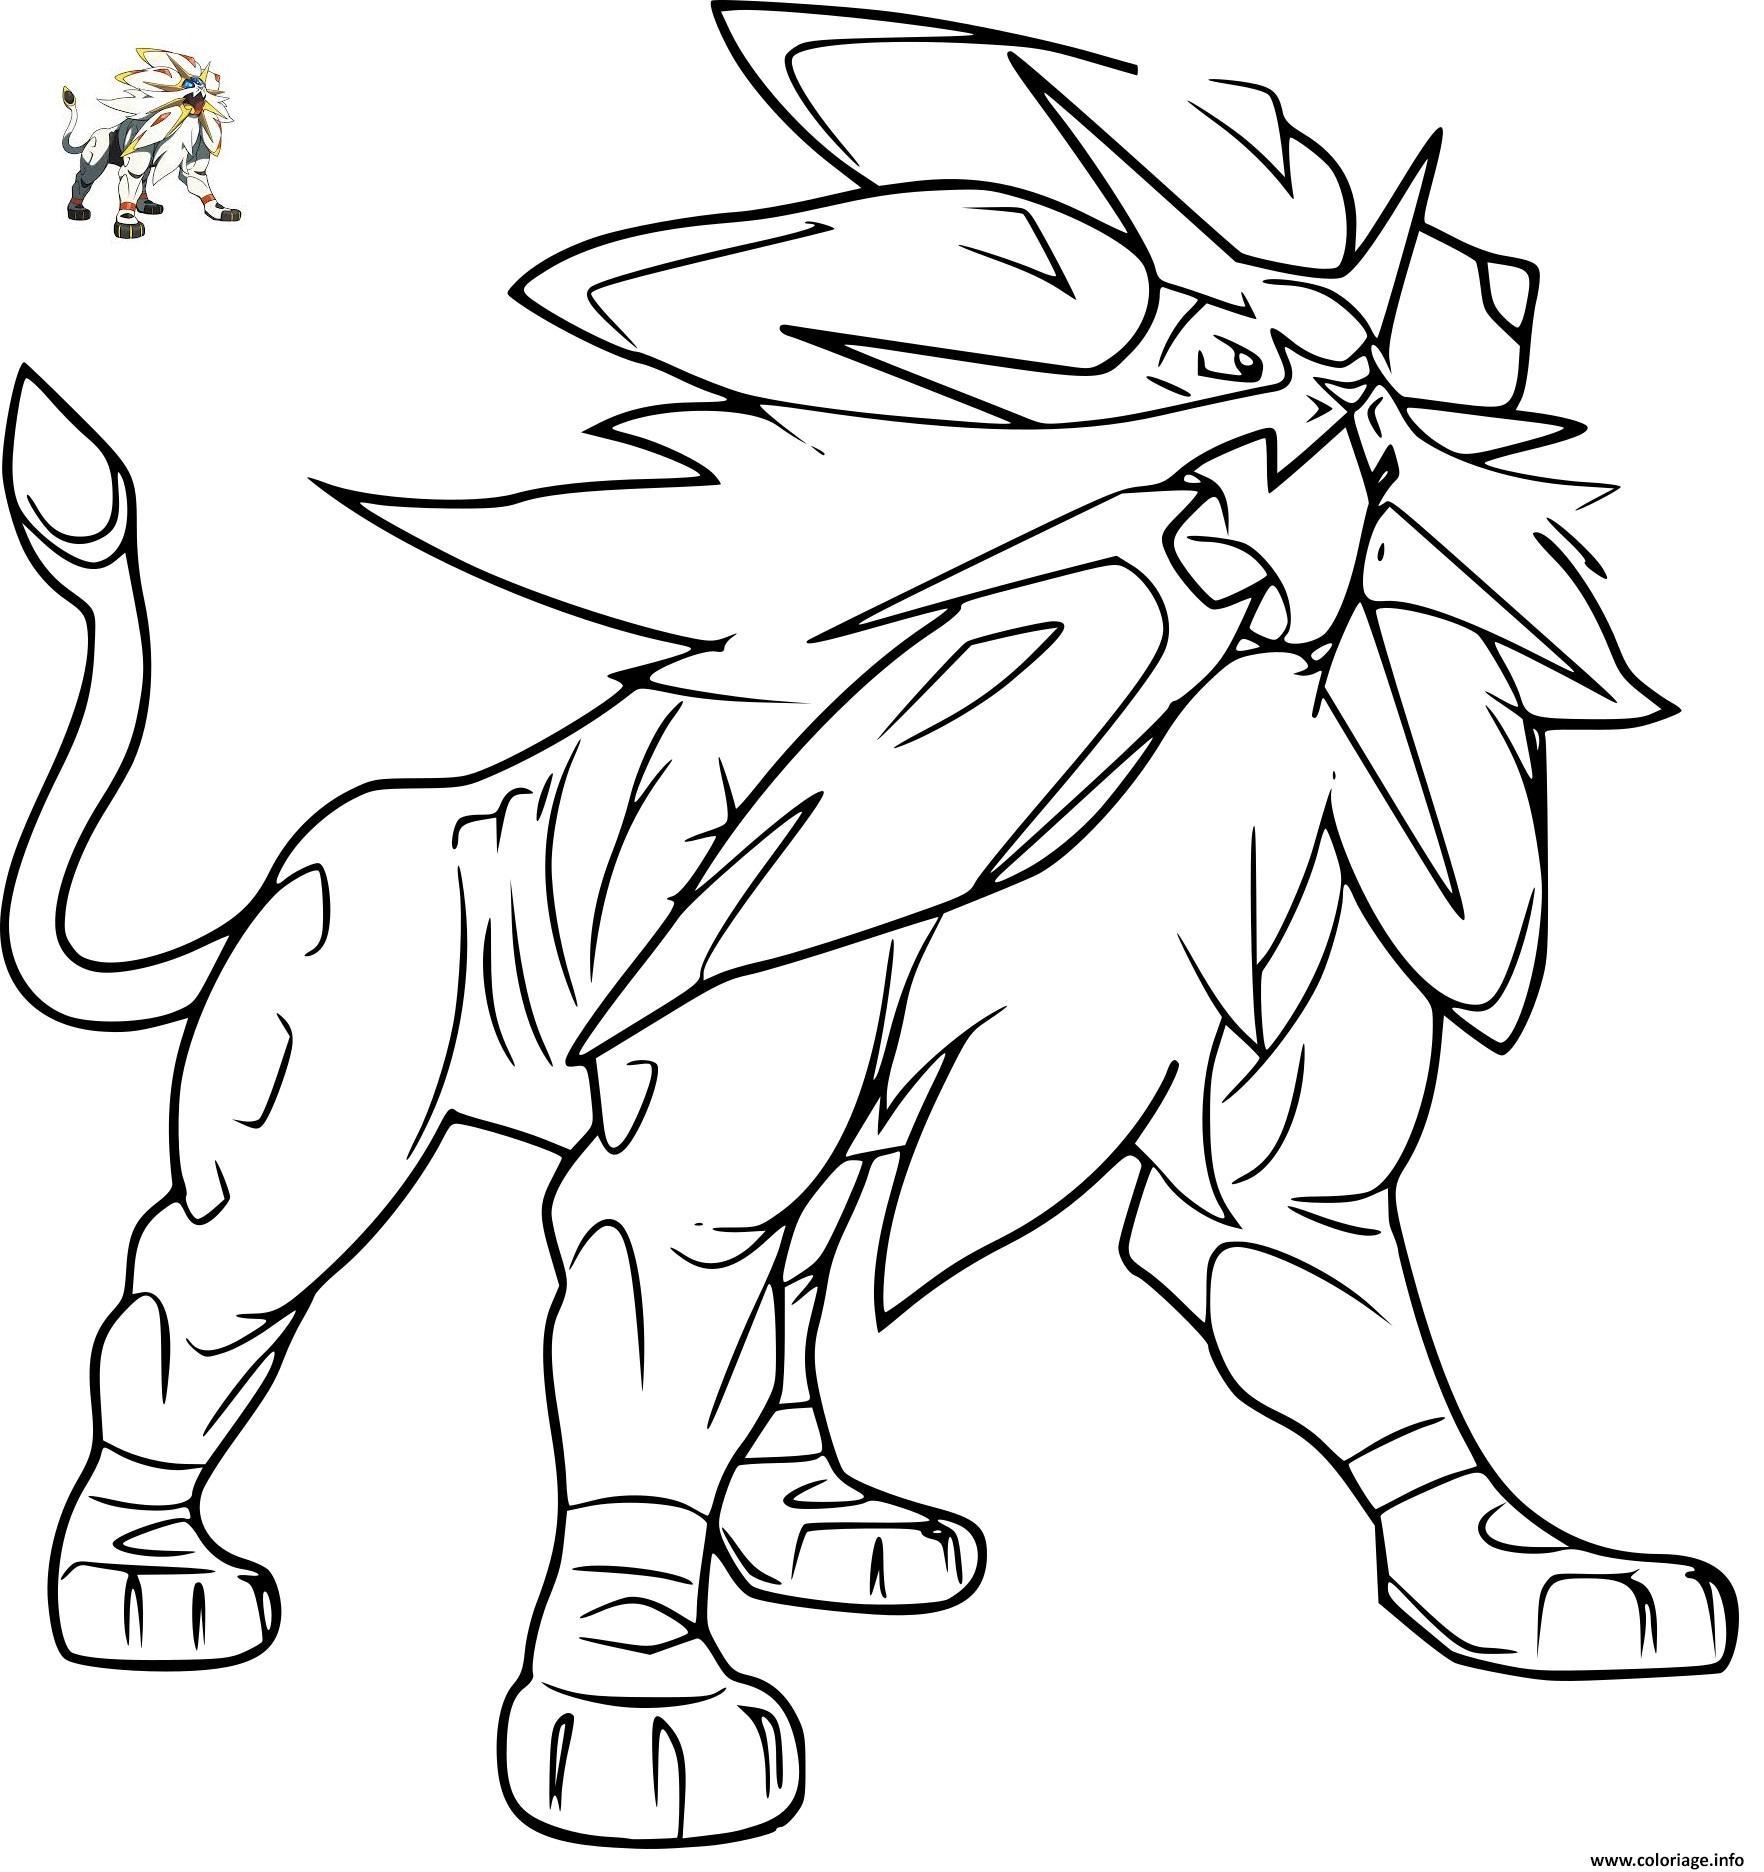 Meilleur De Dessin A Colorier Pokemon Mewtwo